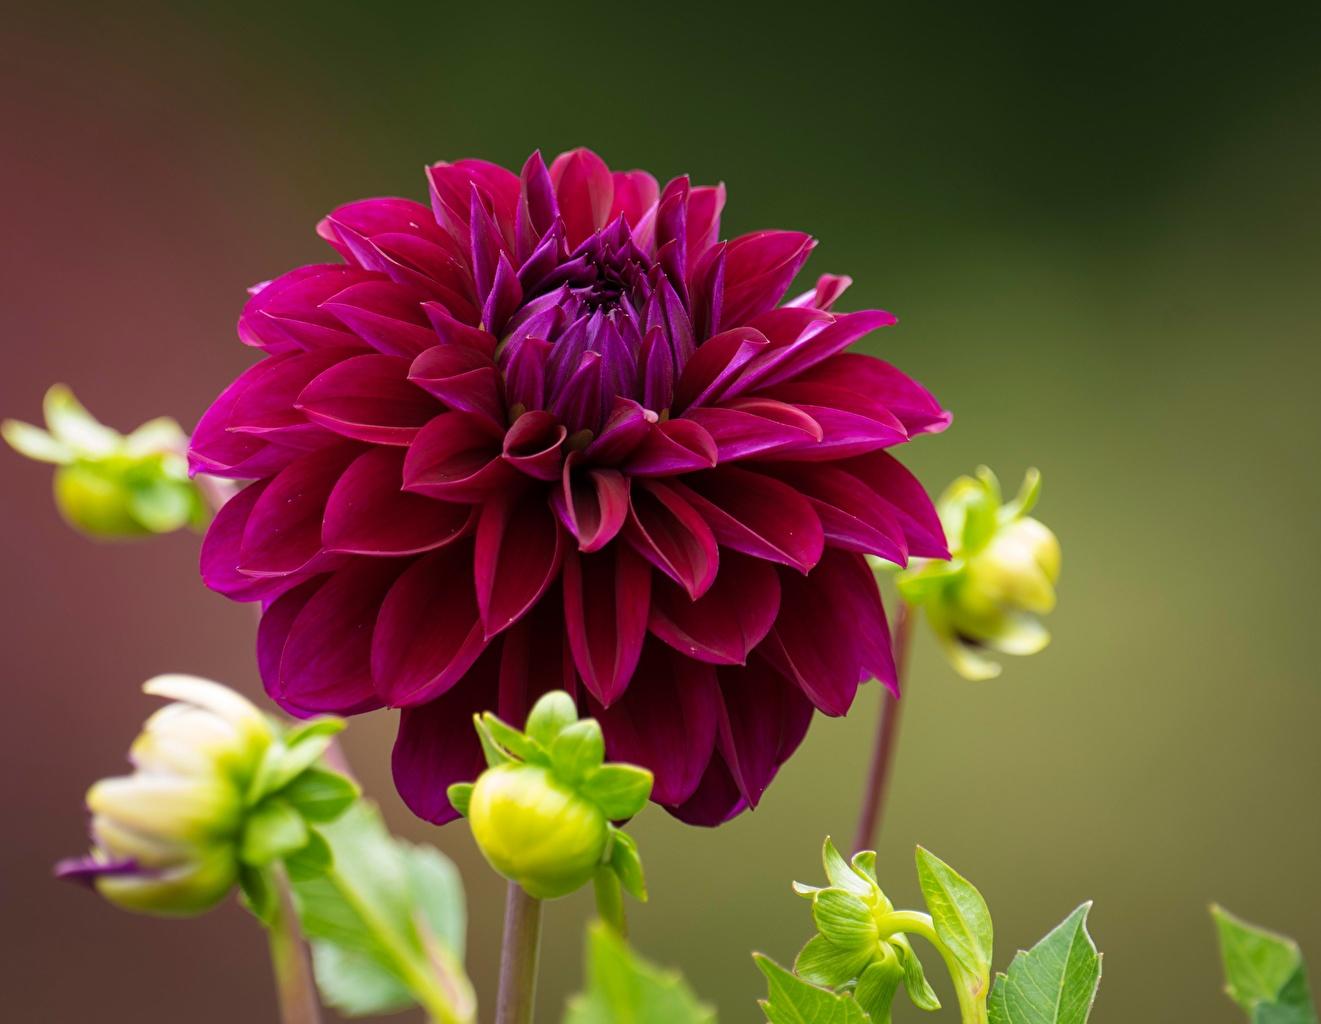 ,特寫,大麗花,勃艮第的顏色,花卉,